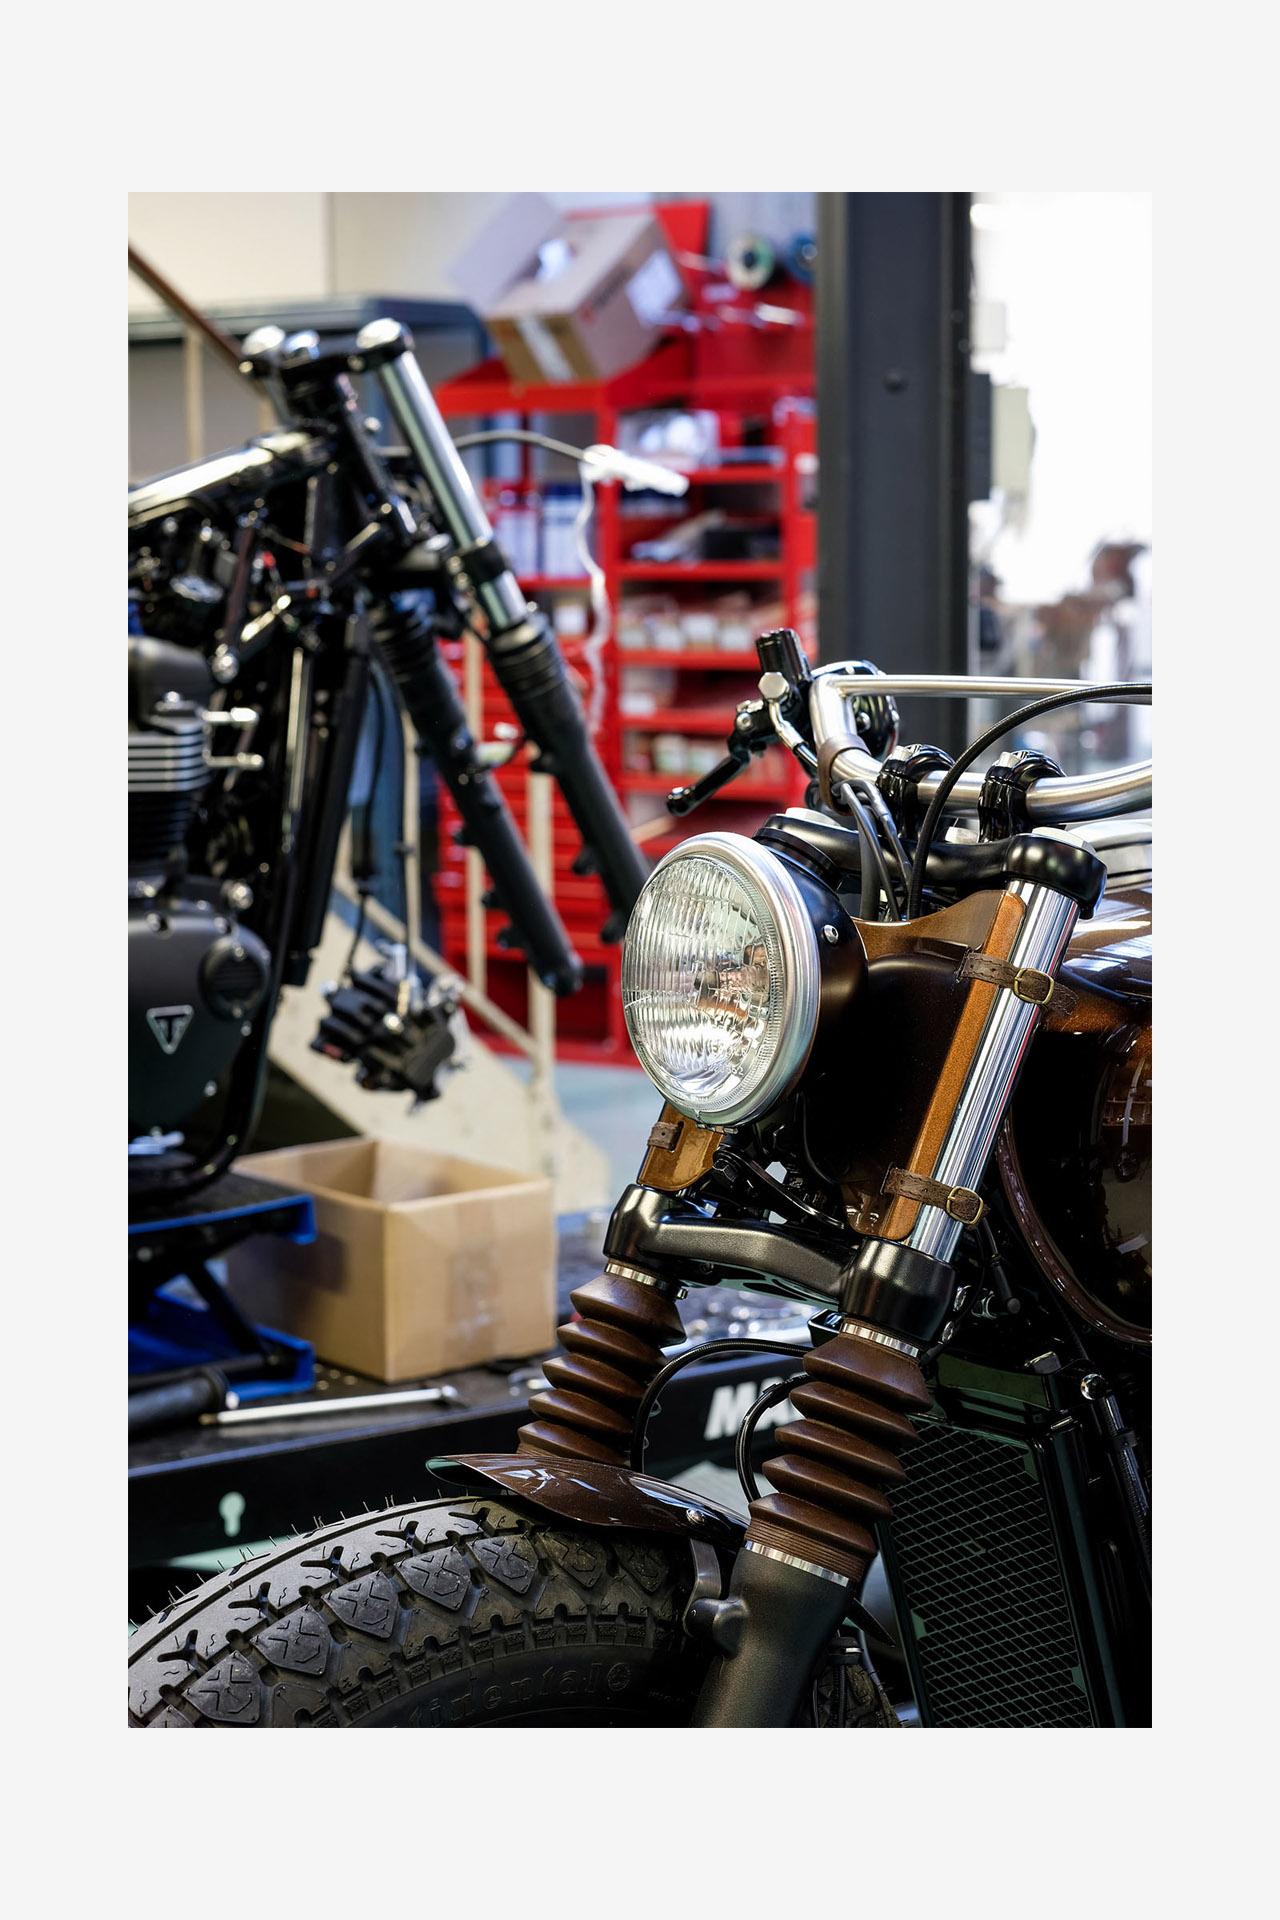 baak-motocyclettes-31B